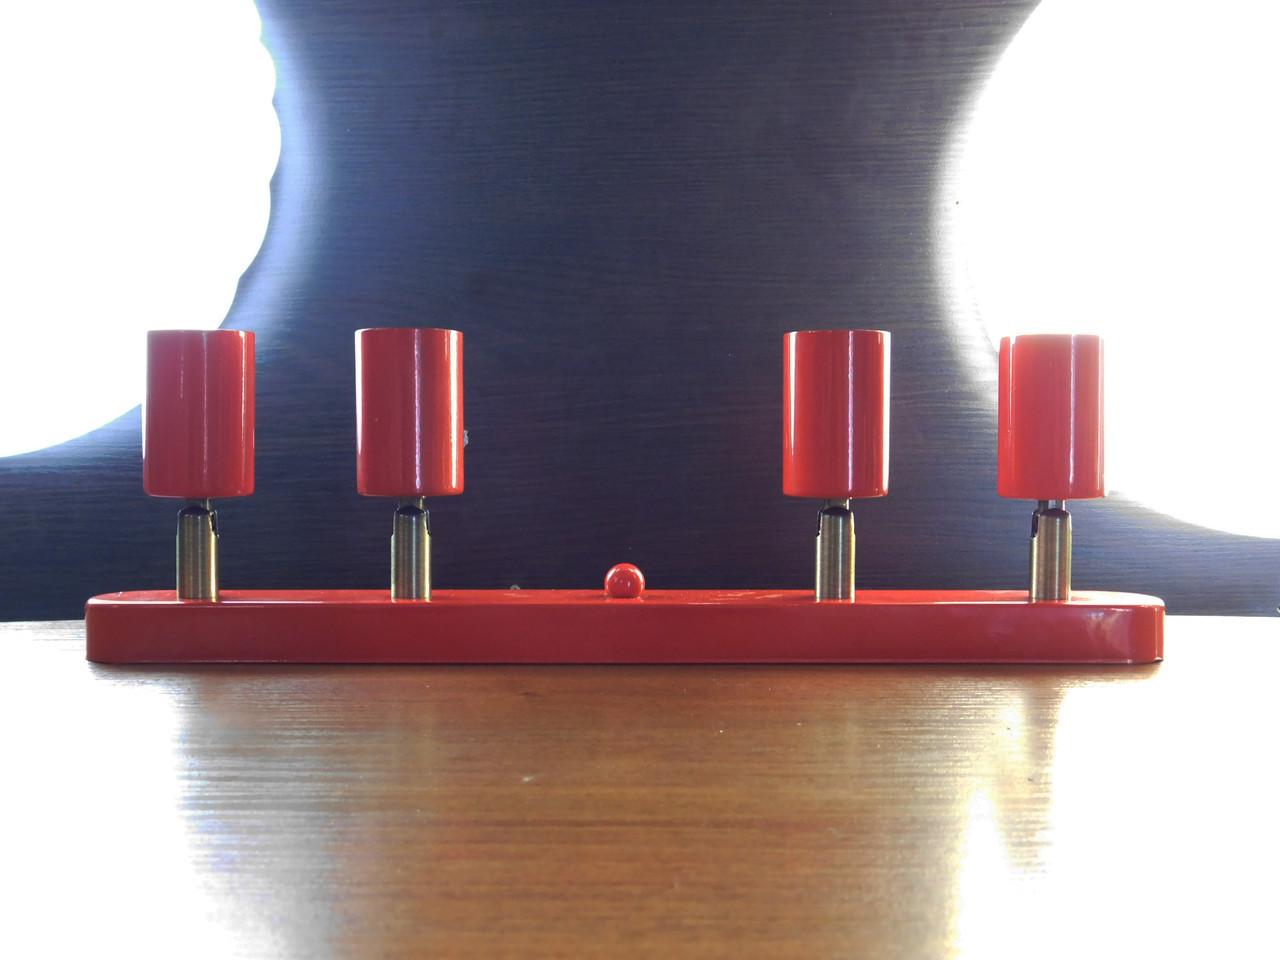 Настенный светильник, спот поворотный, потолочная лампа, на четыре лампы, красный цвет